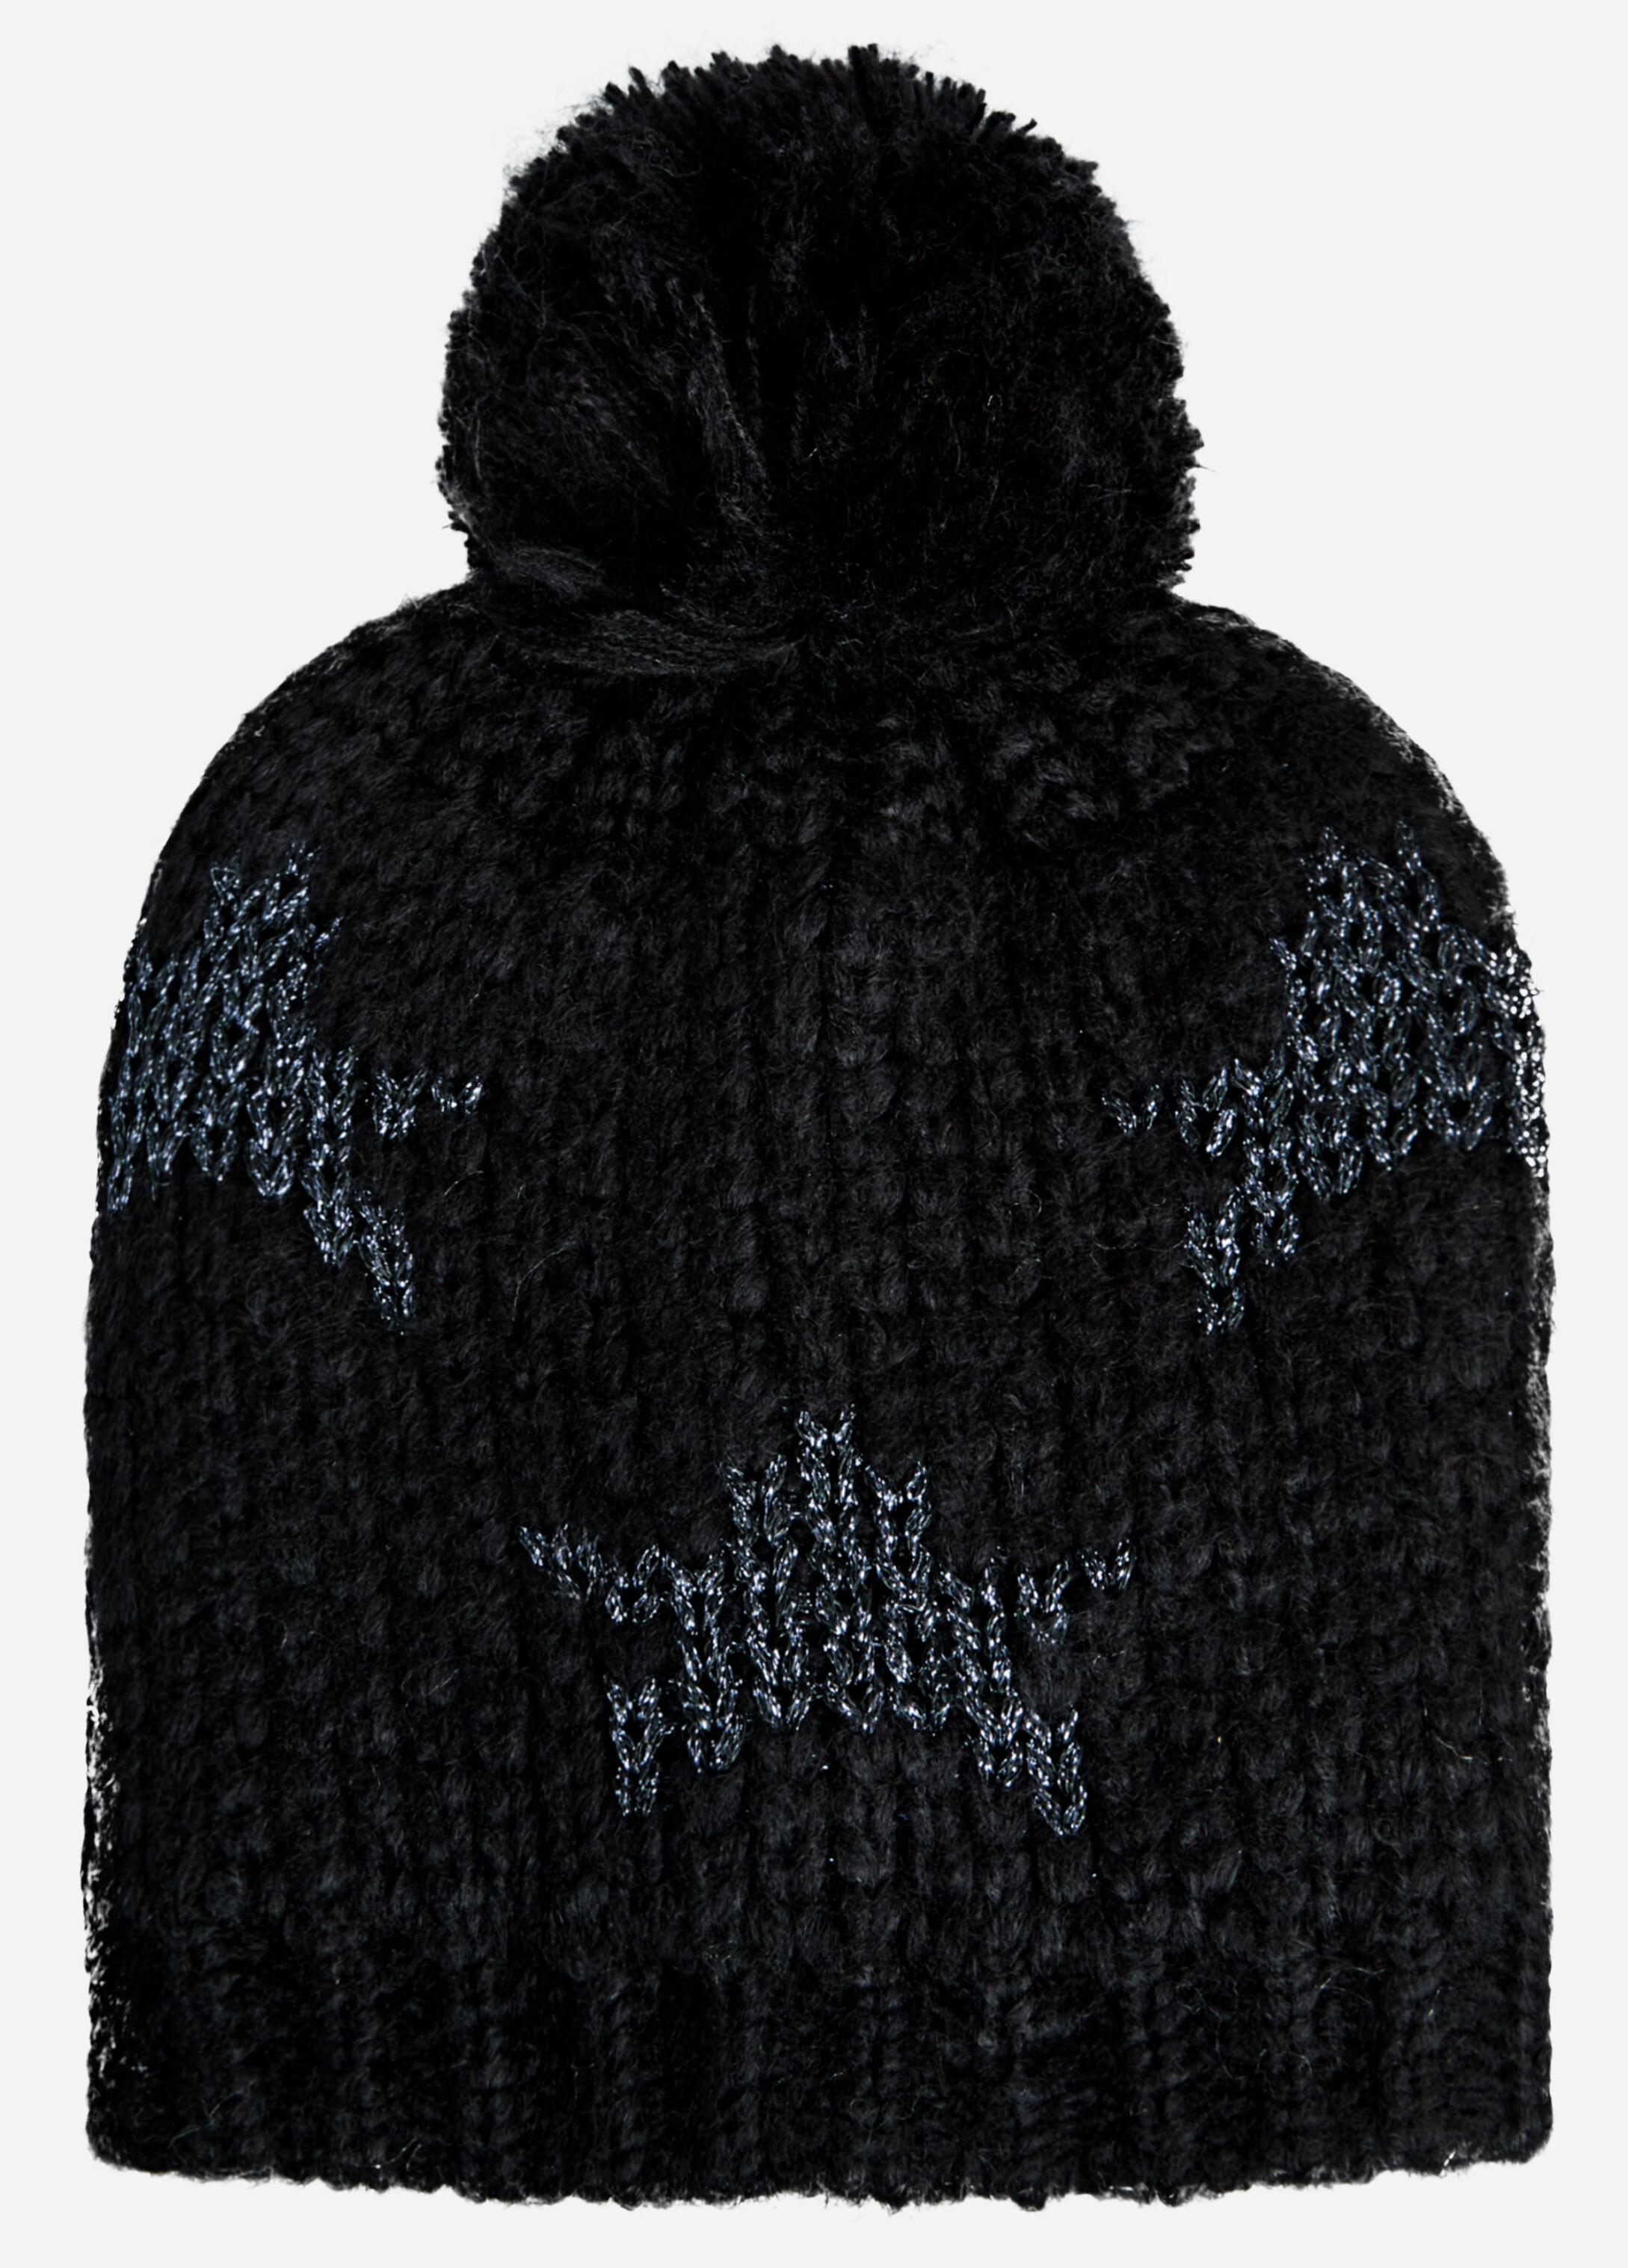 Star Pom Knit Hat